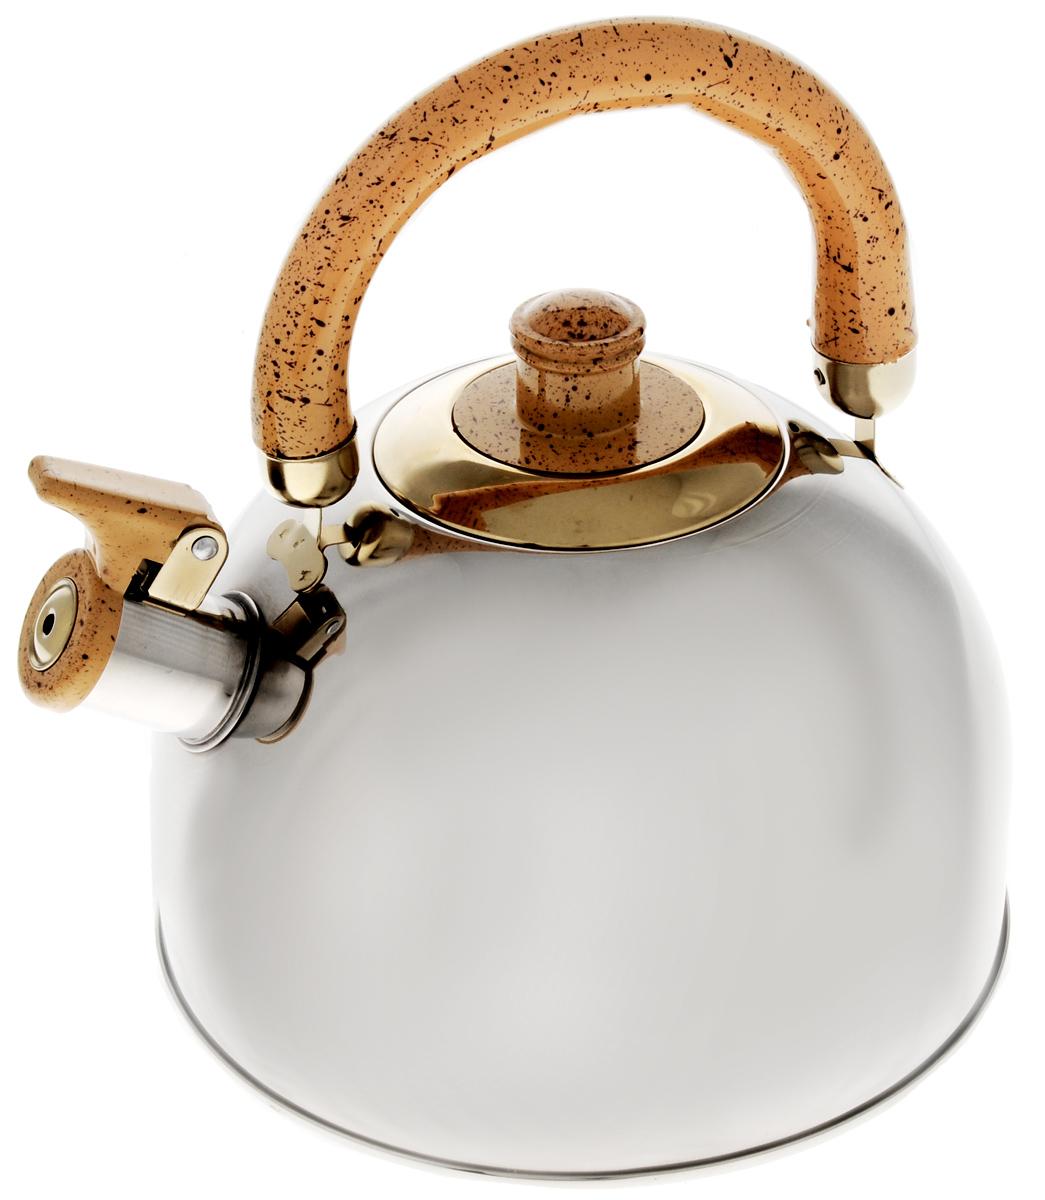 Чайник Mayer & Boch, со свистком, цвет: стальной, светло-коричневый, 4 л4516_светло-коричневыйЧайник Mayer & Boch выполнен из зеркальной нержавеющей стали высокой прочности. Весьма гигиеничен и устойчив к износу при длительном использовании. Гладкая и ровная поверхность существенно облегчает уход за посудой. Чайник оснащен откидным свистком, который громко оповестит о закипании воды. Удобная эргономичная ручка выполнена из бакелита. Такой чайник идеально впишется в интерьер любой кухни и станет замечательным подарком к любому случаю. Подходит для газовых, электрических, стеклокерамических, галогеновых плит. Не подходит для индукционных плит. Можно мыть в посудомоечной машине. Диаметр чайника (по верхнему краю): 9 см. Высота чайника (с учетом ручки): 23 см. Диаметр основания: 20 см.